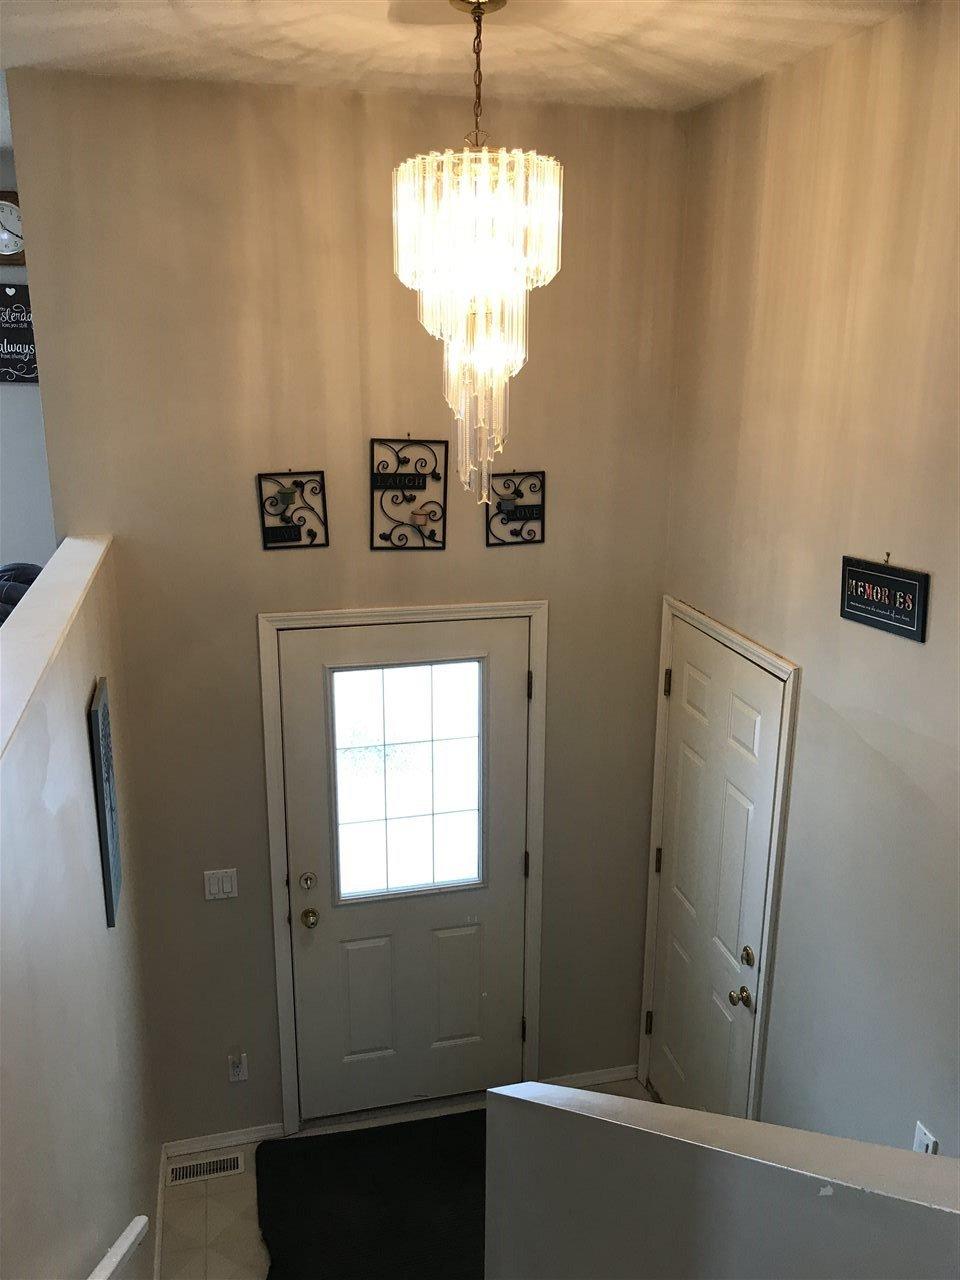 Photo 10: Photos: 10520 89 Street in Fort St. John: Fort St. John - City NE House for sale (Fort St. John (Zone 60))  : MLS®# R2362521